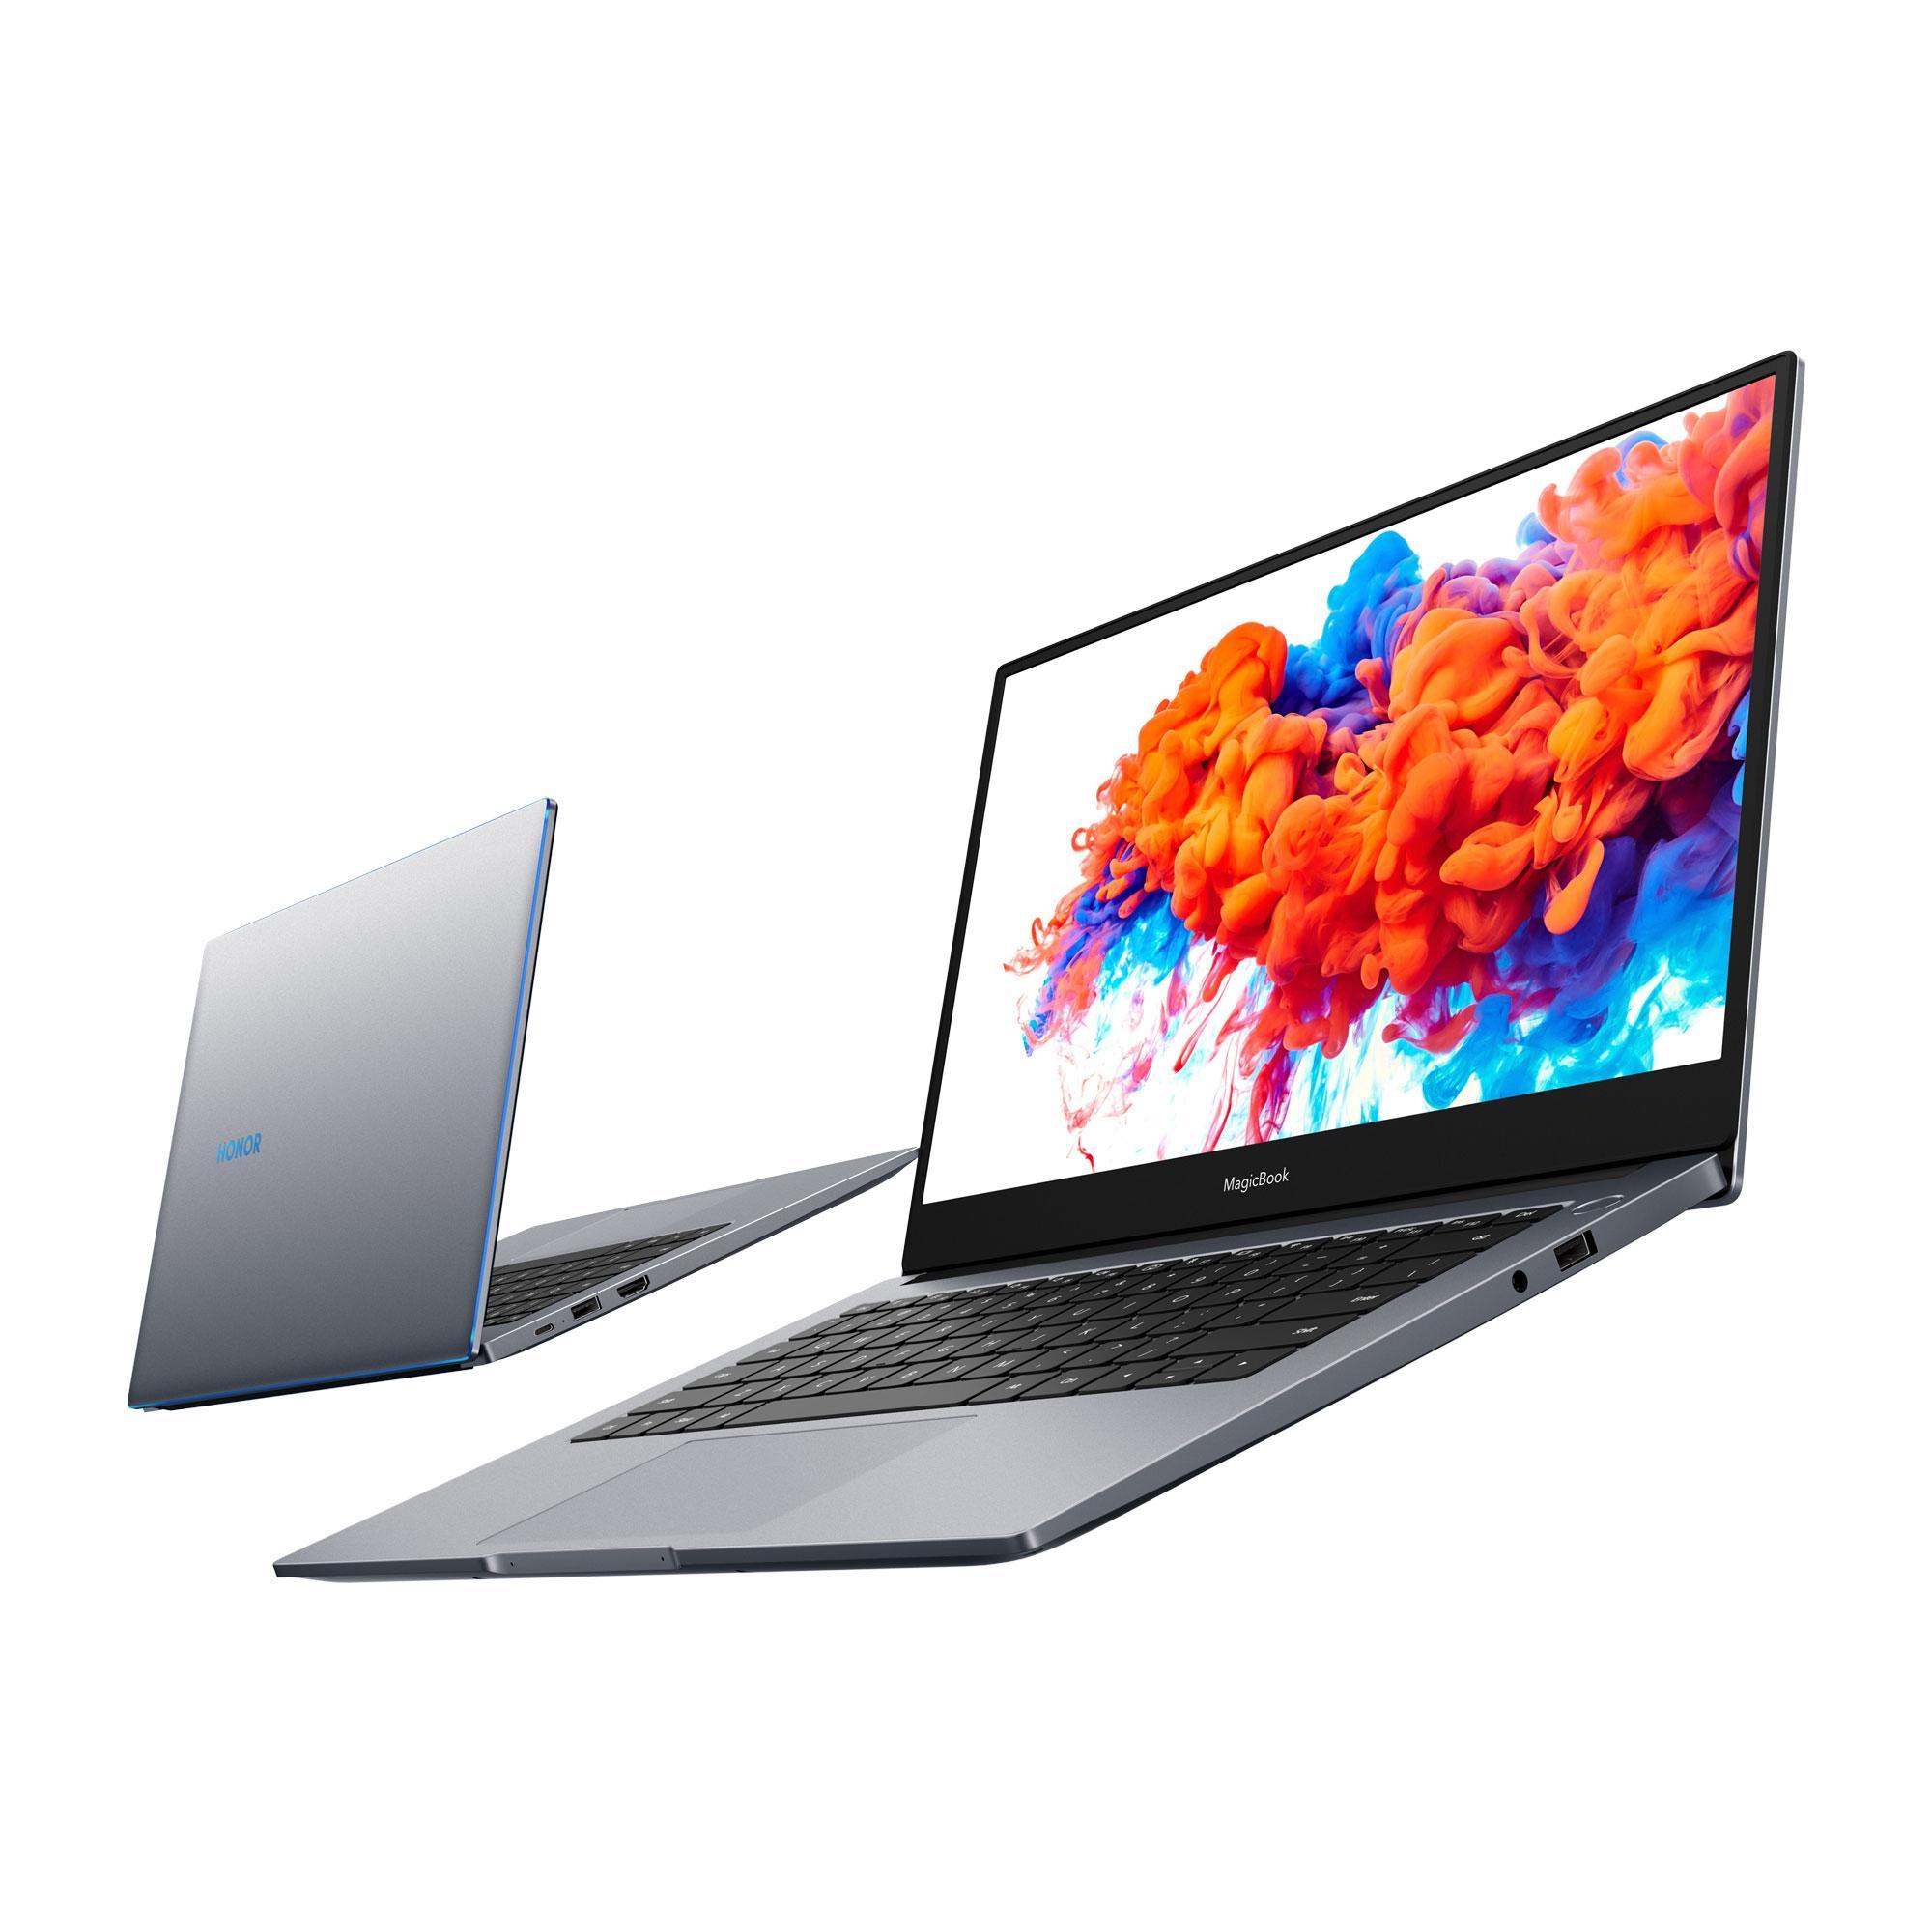 УHonor появились 2 новых ноутбука MagicBookиумные часы MagicWatch